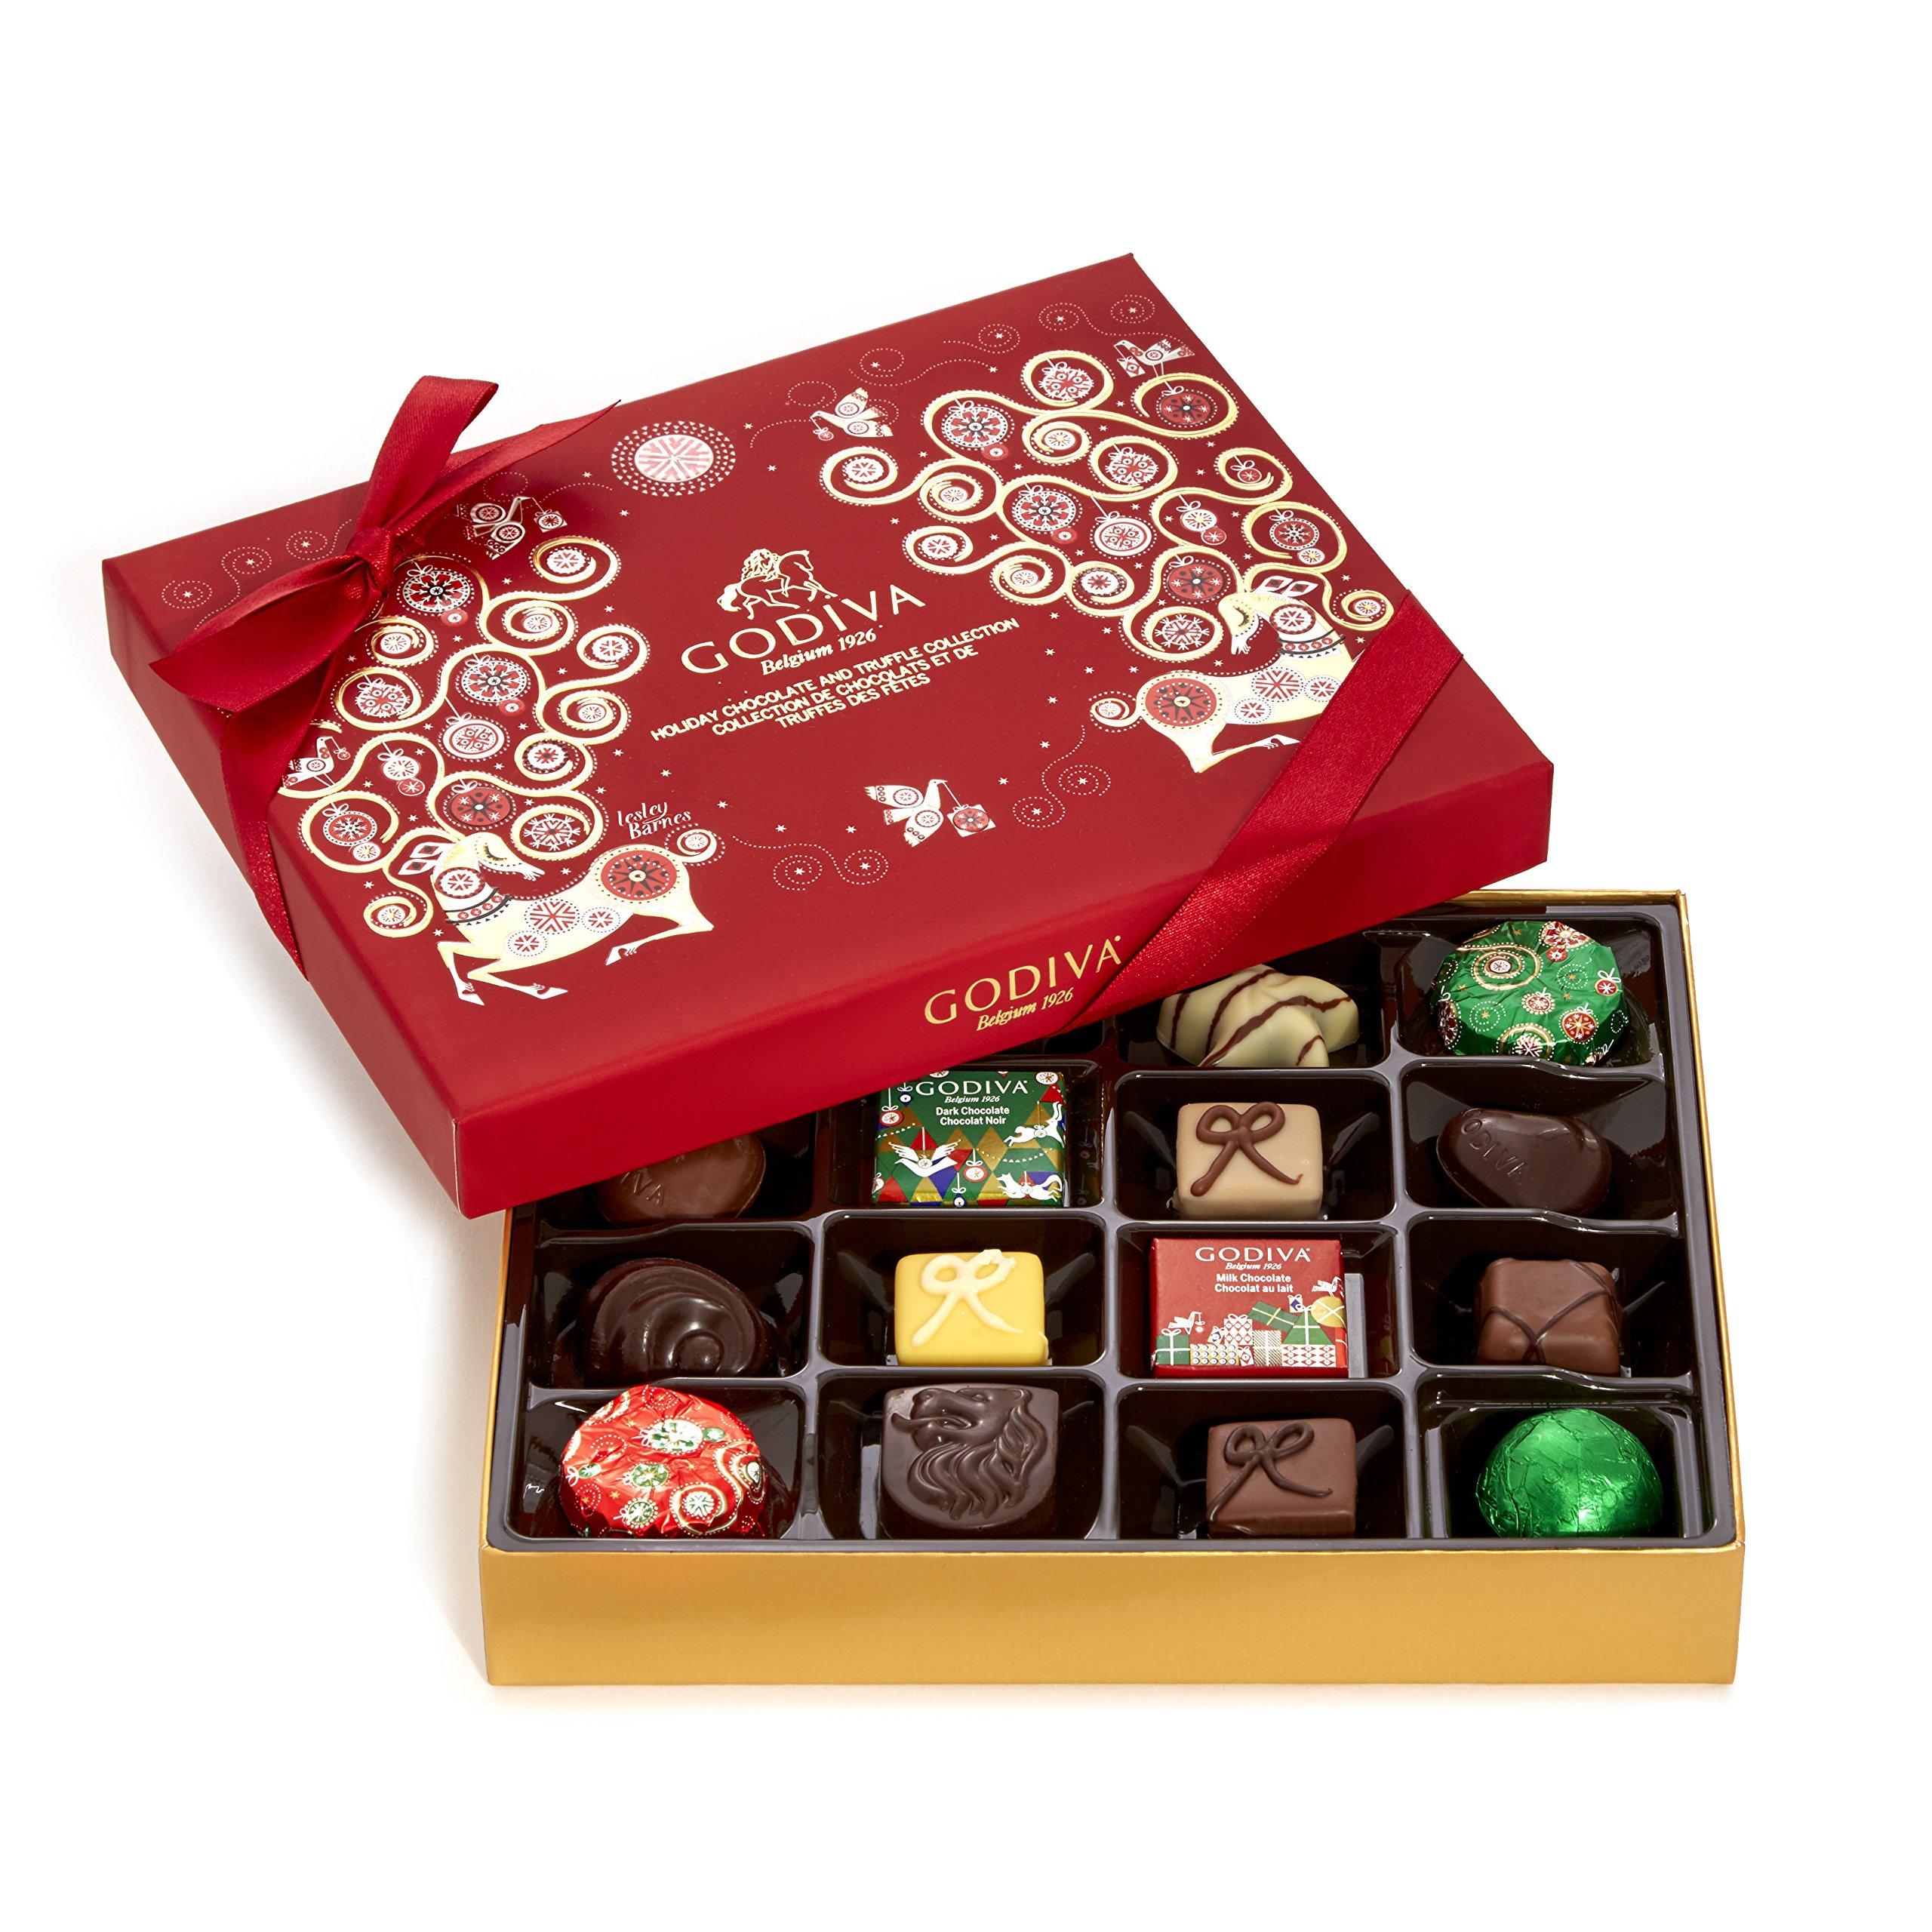 Amazon.com : Godiva Chocolatier Chocolate Truffle Gift Box